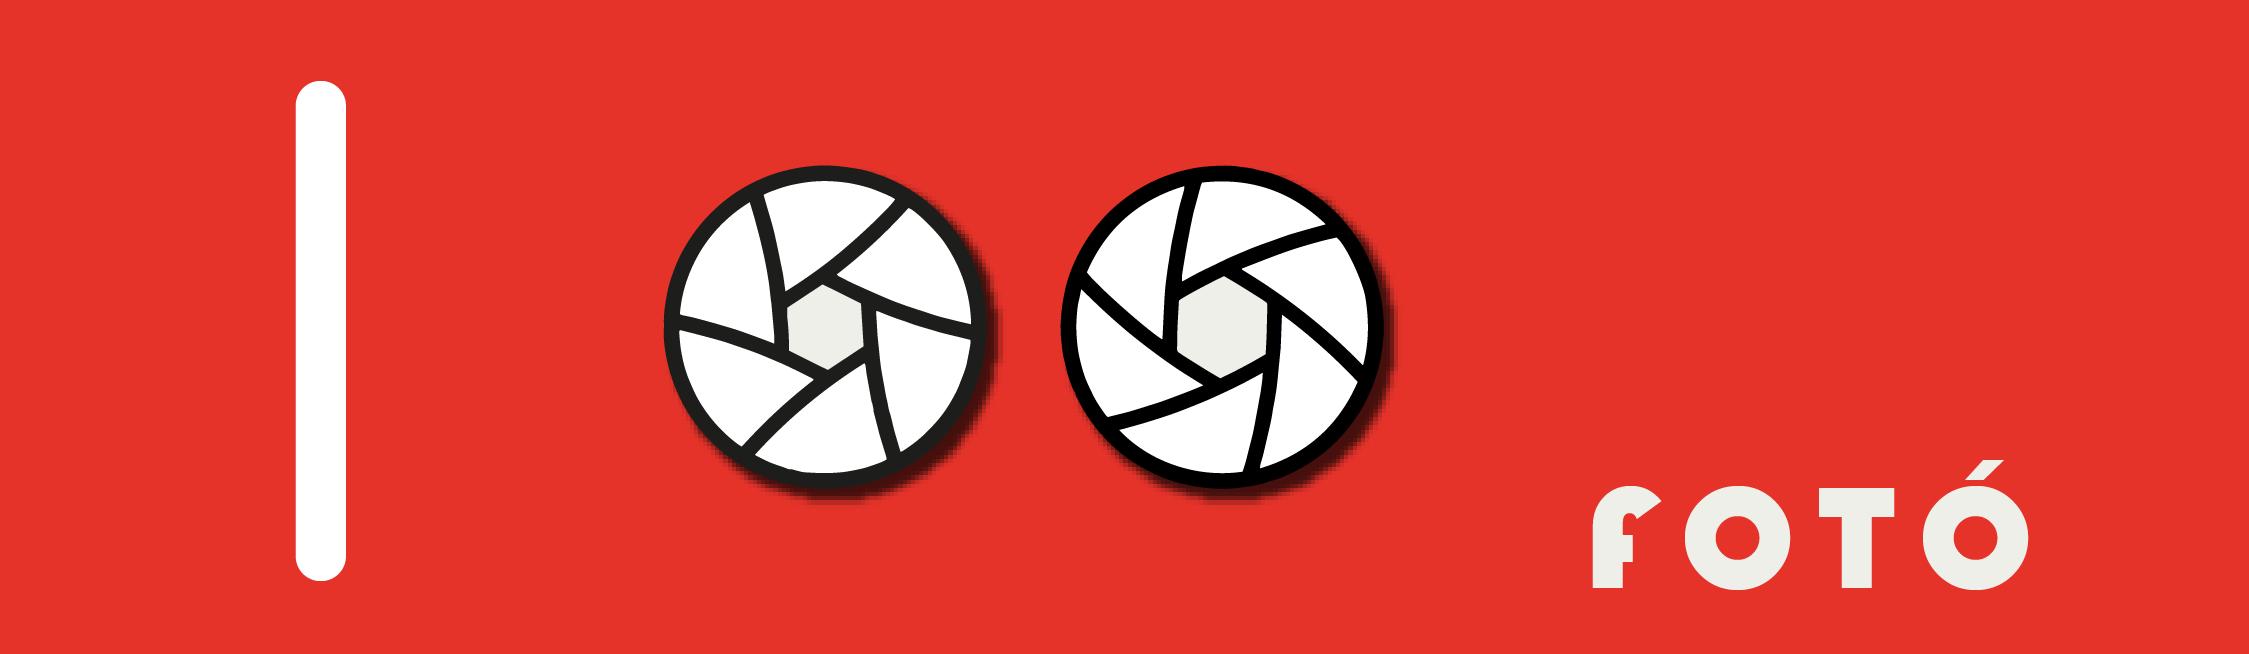 négy kép egy szó sebesség társkereső